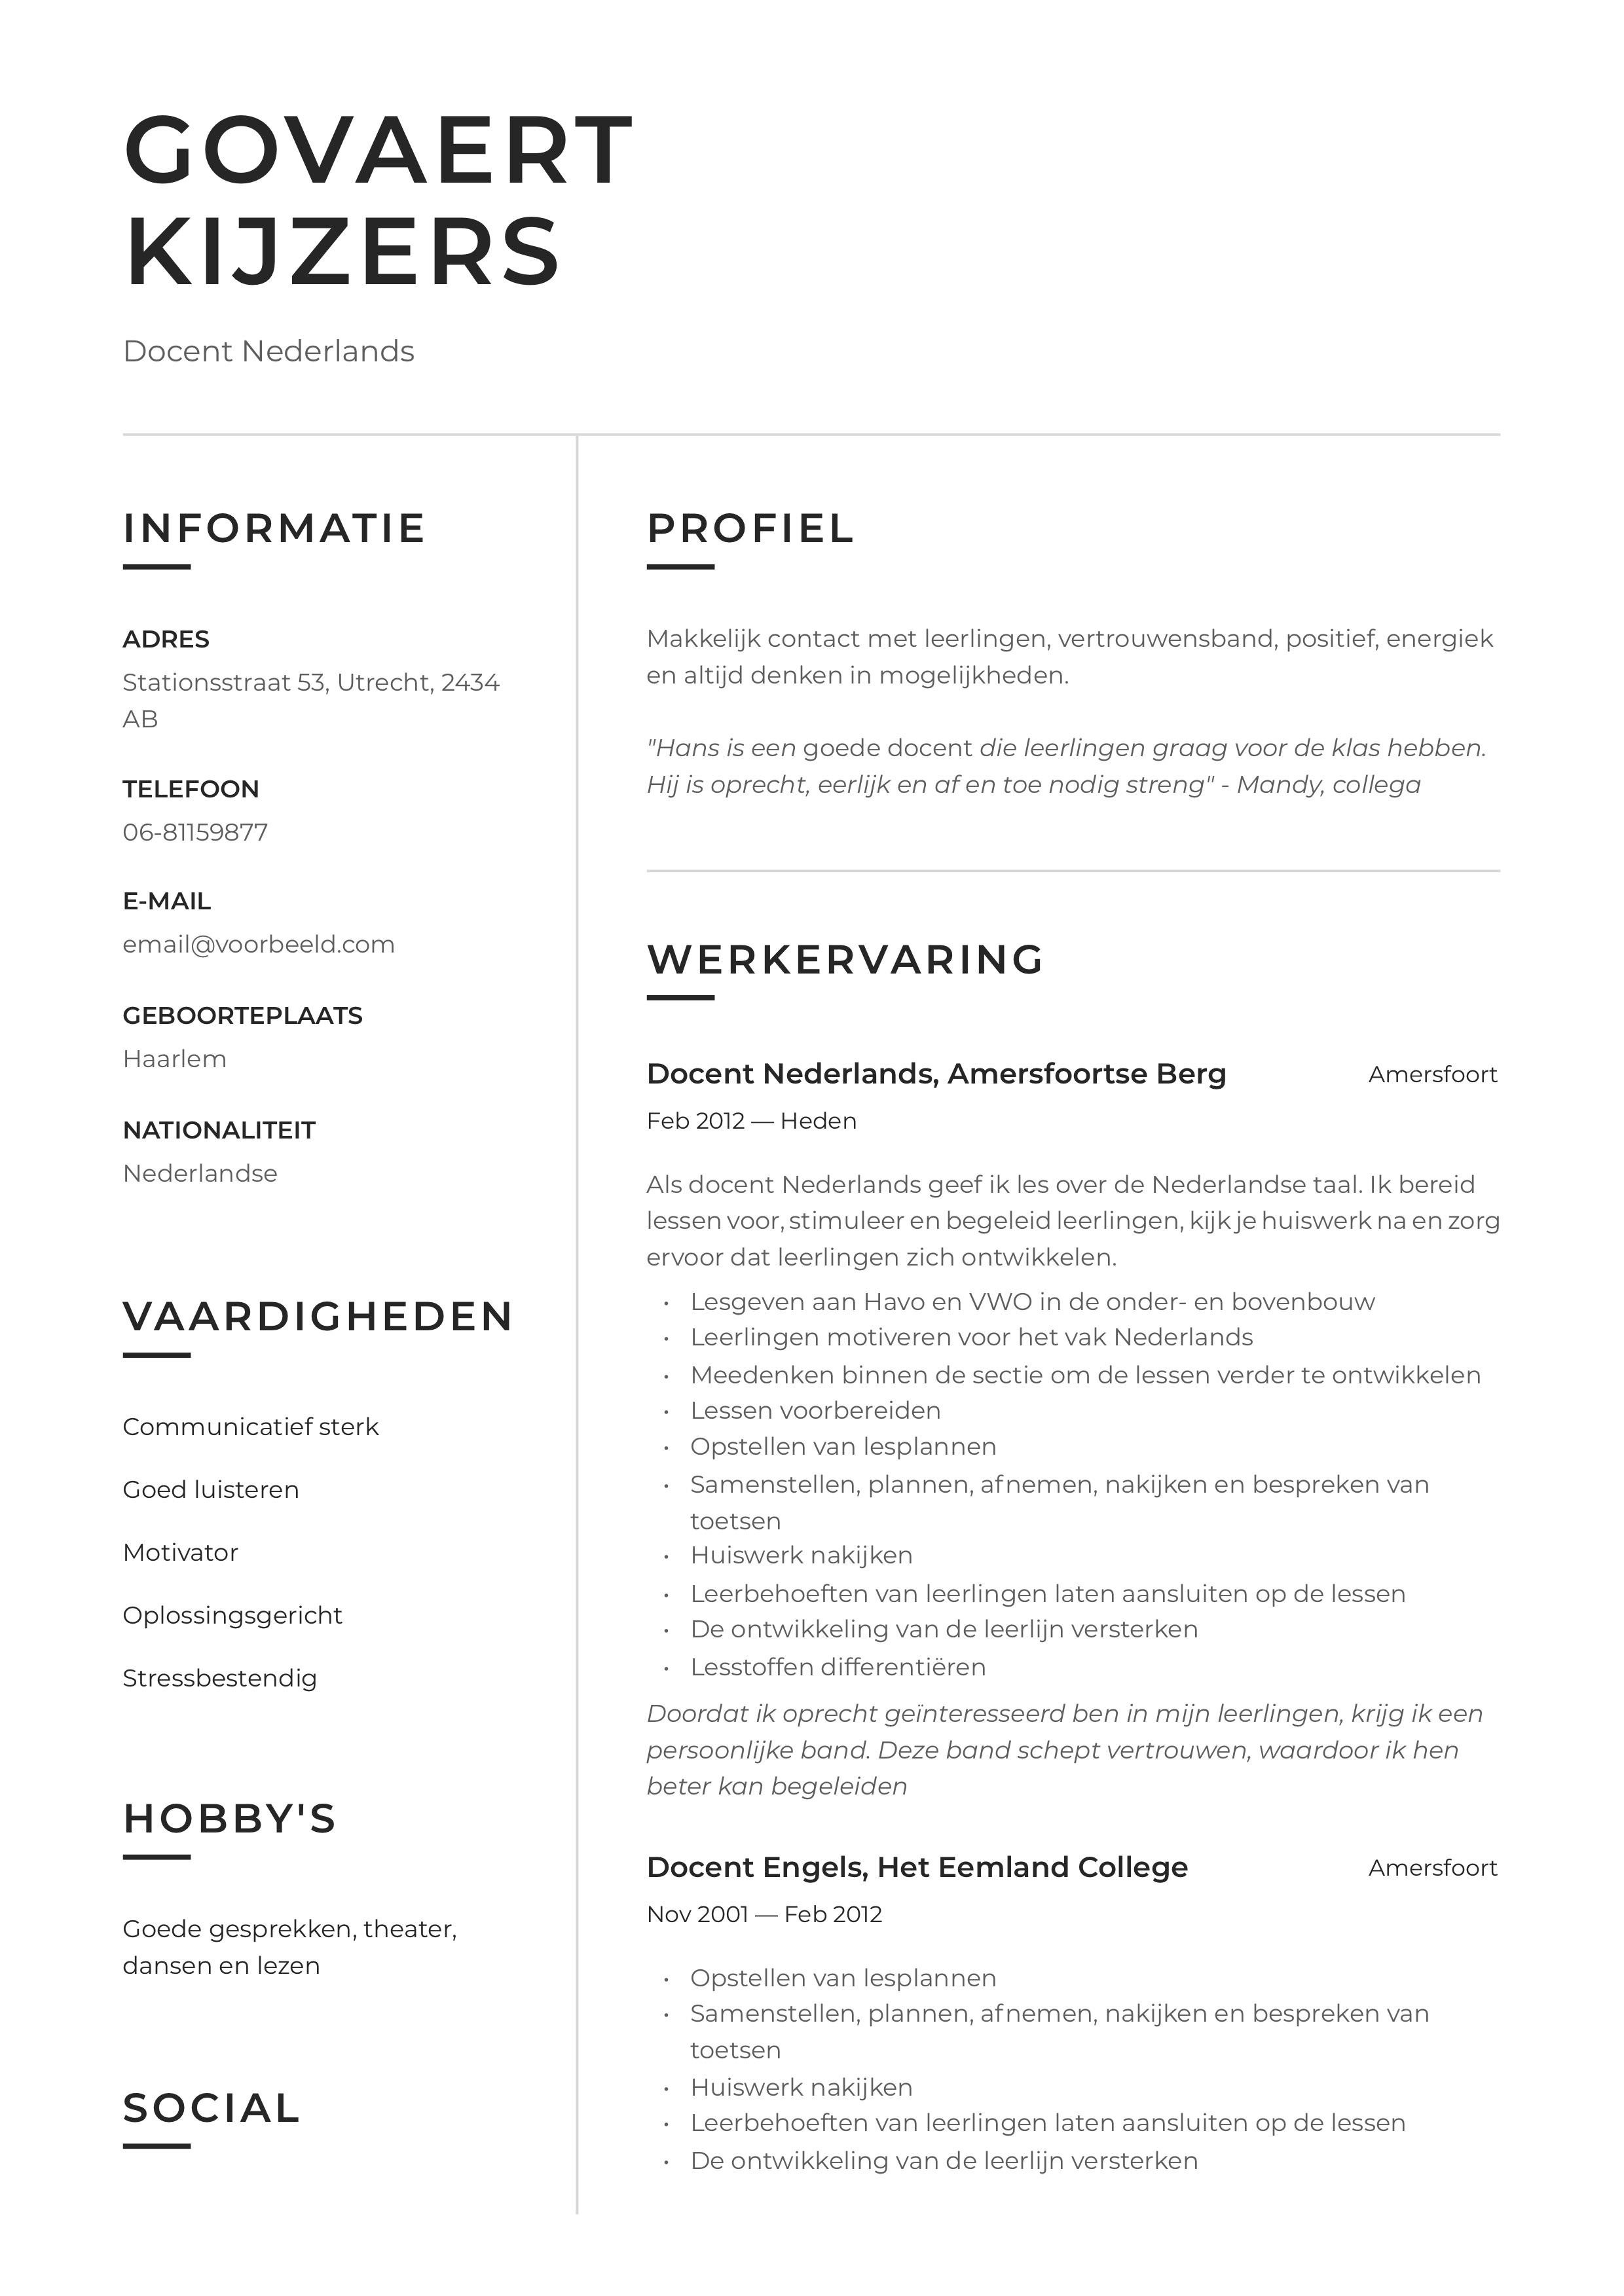 CV Voorbeeld Docent Nederlands